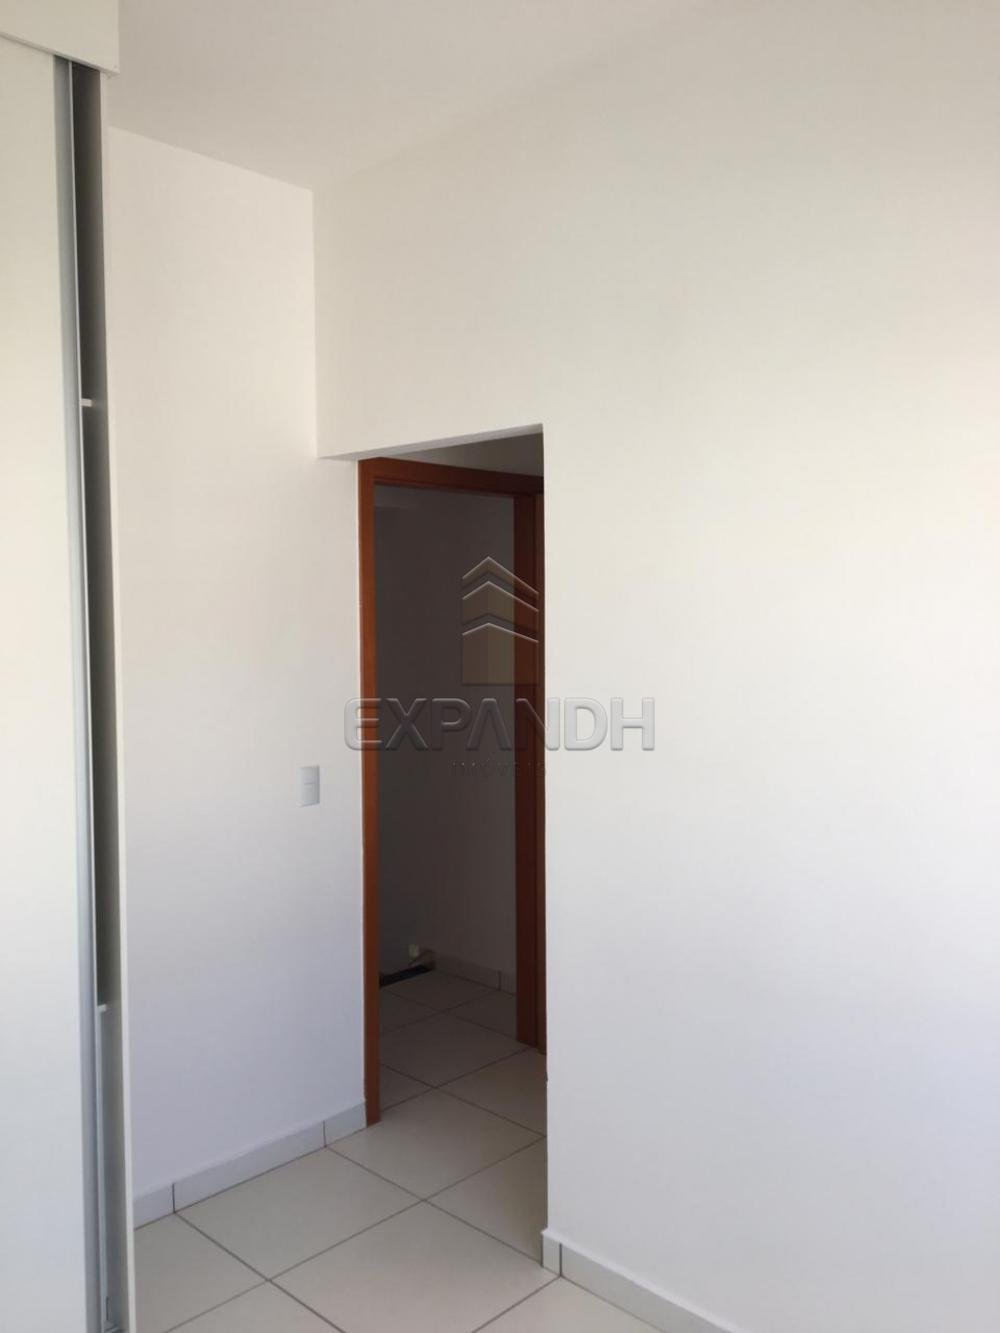 Alugar Casas / Condomínio em Sertãozinho R$ 1.200,00 - Foto 30